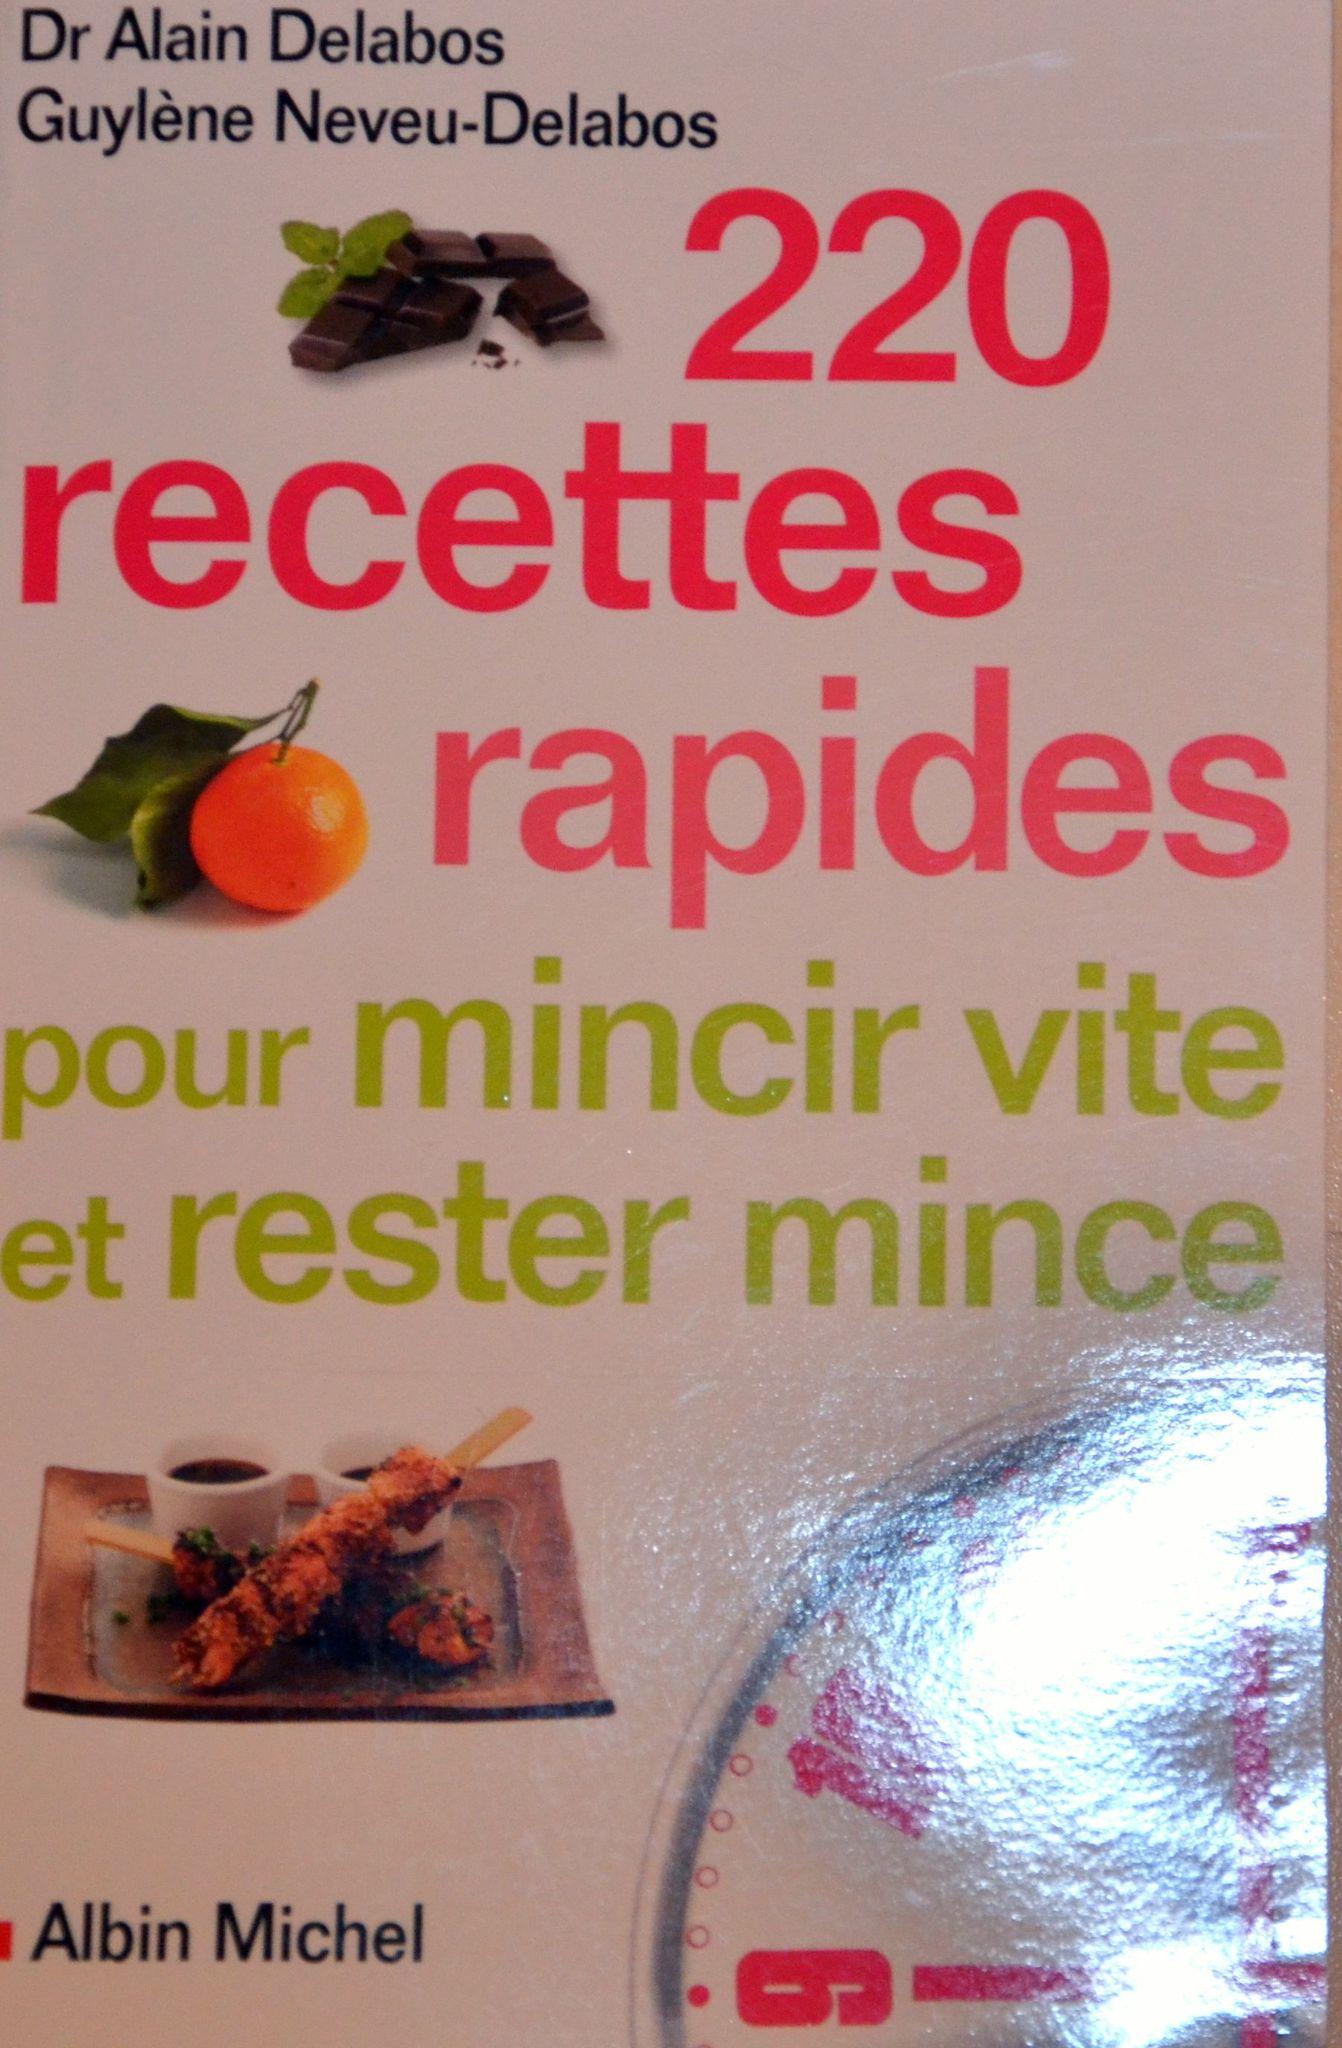 220 recettes rapides pour mincir vite et rester mince (Dr Alain Delabos)